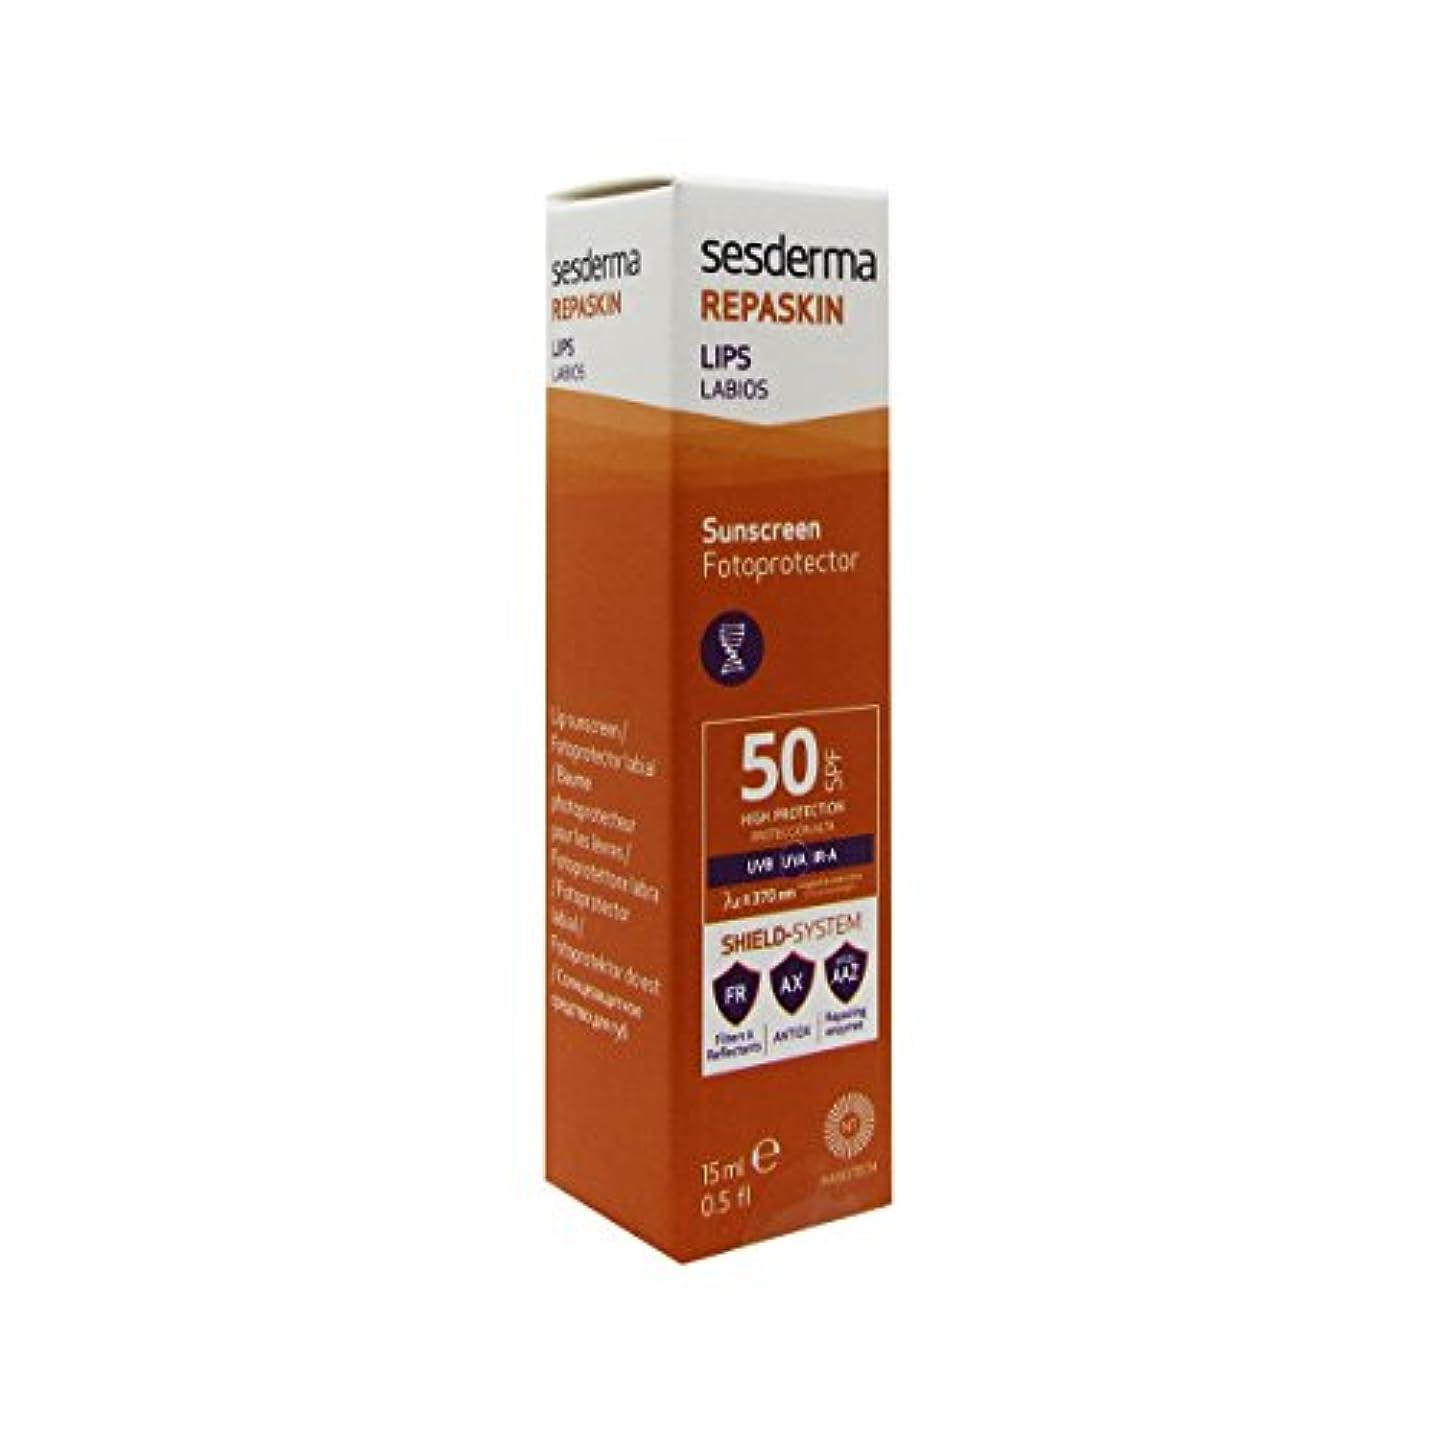 マントルなめらかインシデントSesderma Repaskin Lips Spf50 15ml [並行輸入品]